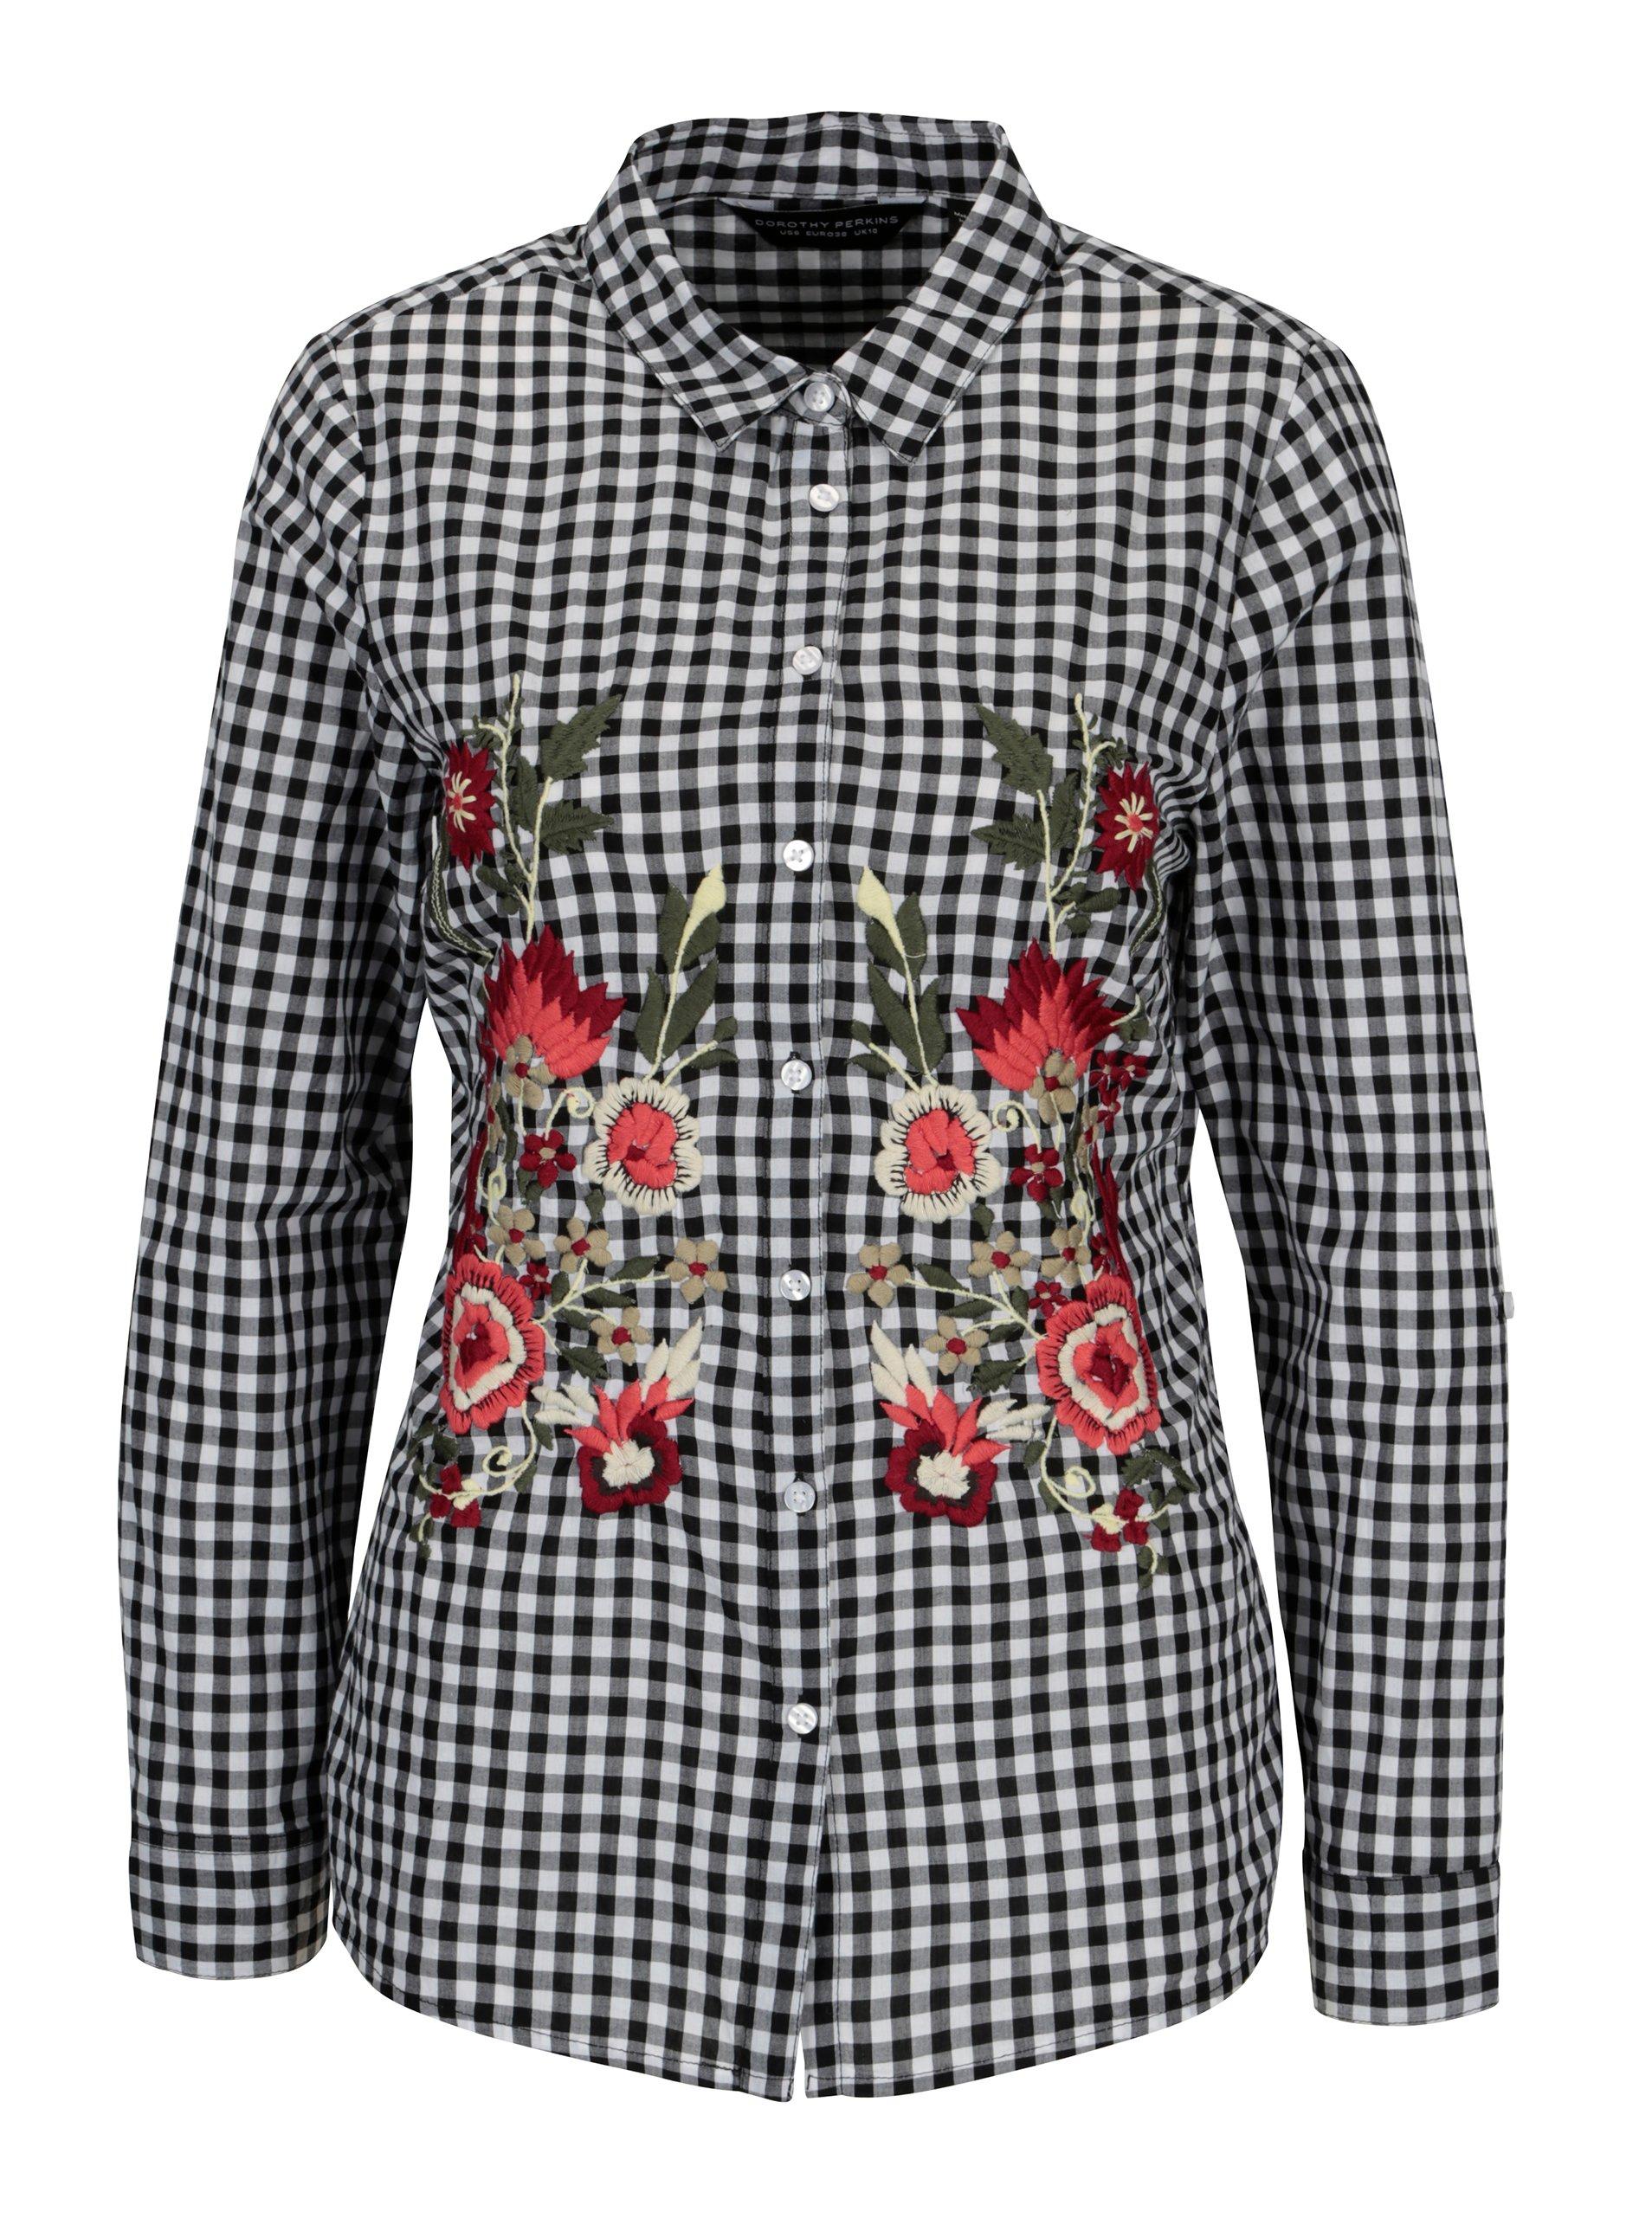 283a8e271a00 Bielo–čierna kockovaná košeľa s vyšívanými kvetmi Dorothy Perkins ...